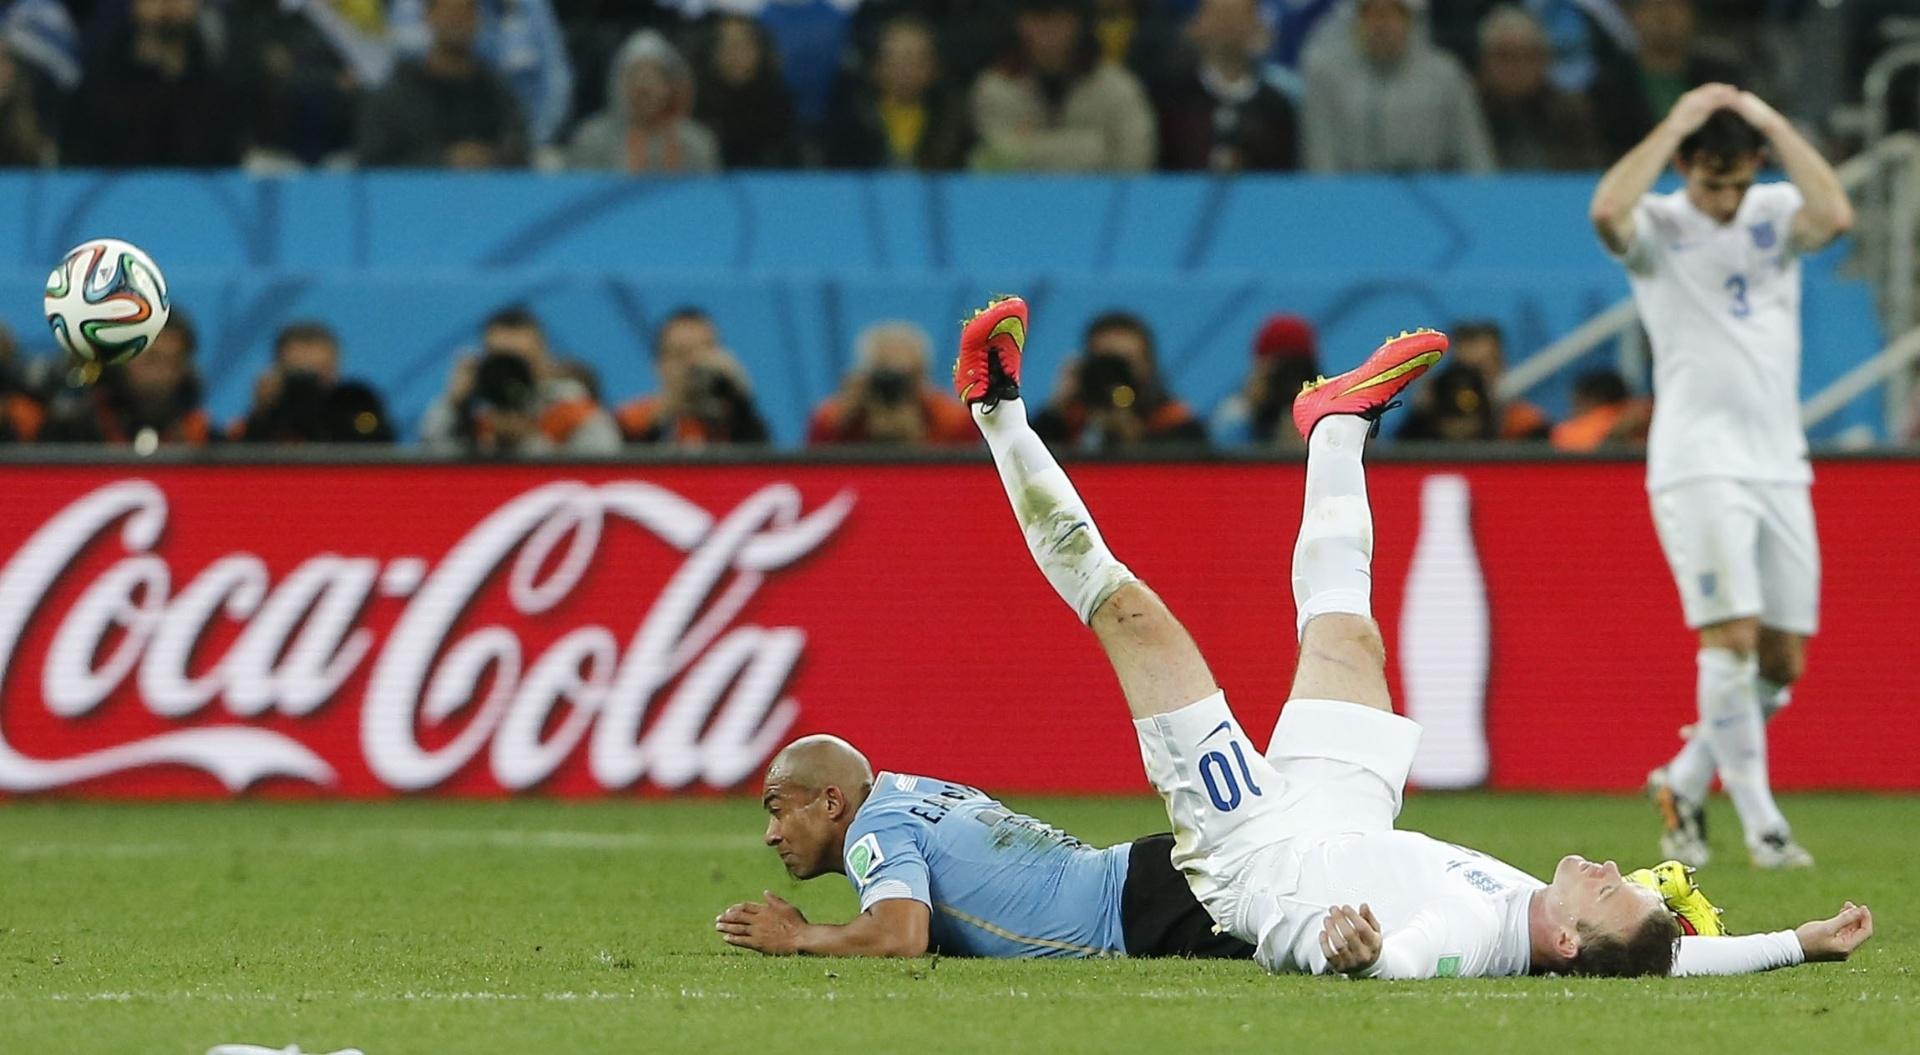 19.jun.2014 - Wayne Rooney fica de pernas para o ar após dividir a bola com o uruguaio Arévalo no Itaquerão